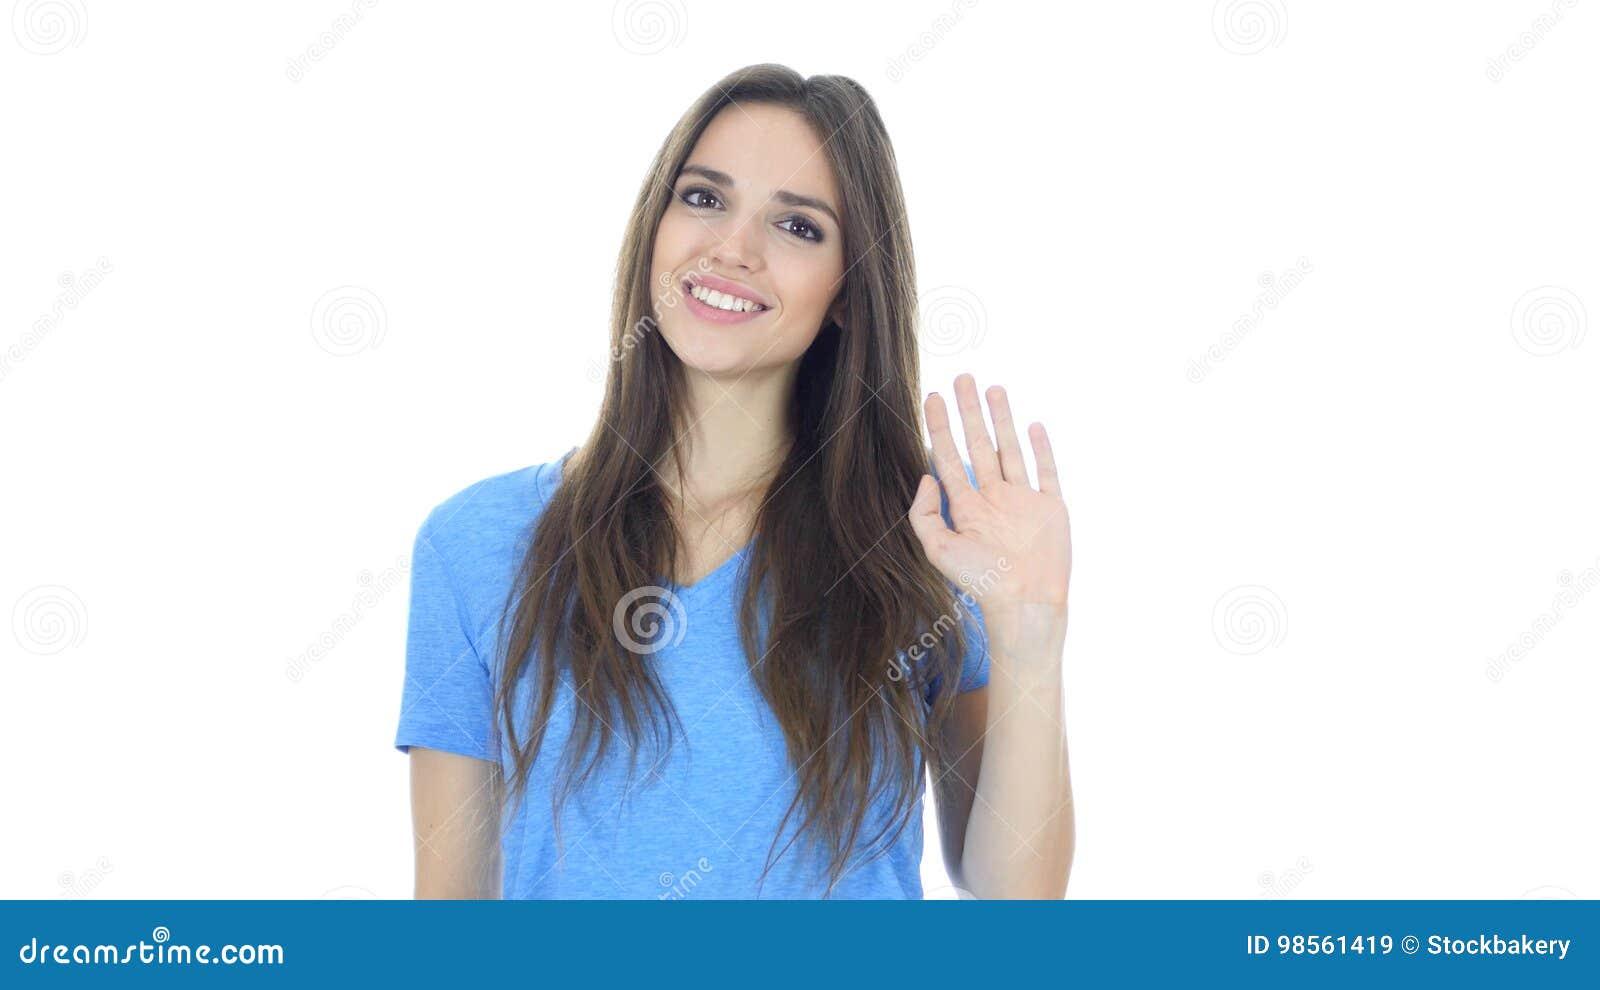 Hallo, Hello, Vrouwen Golvende Hand, Onthaal, Portret op Witte Achtergrond